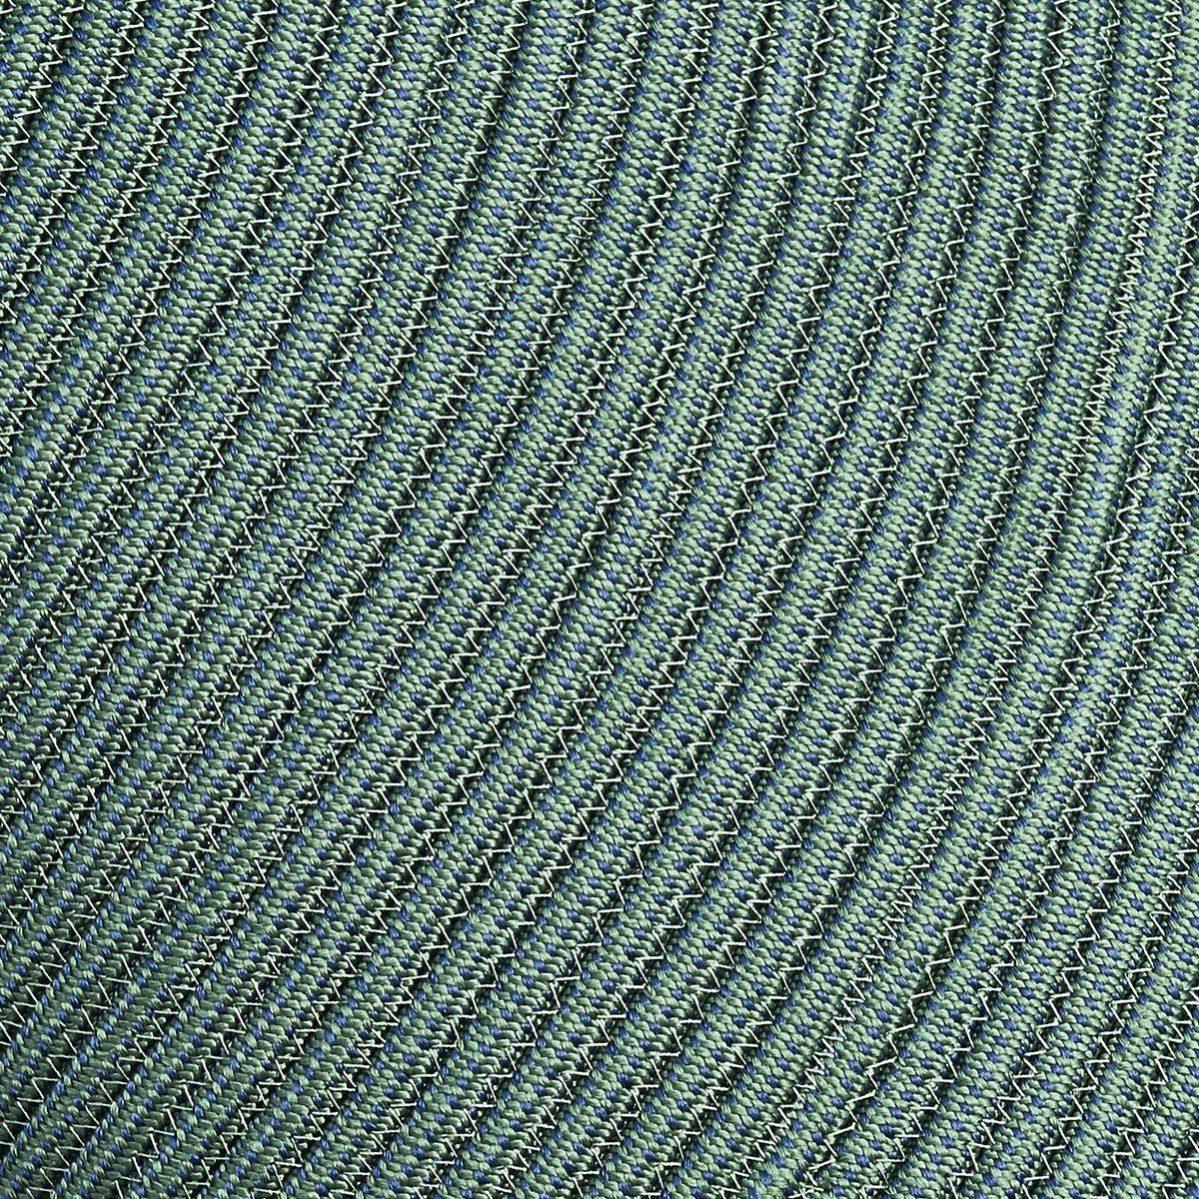 Detaljbild av Infinity matta rund i grönt.